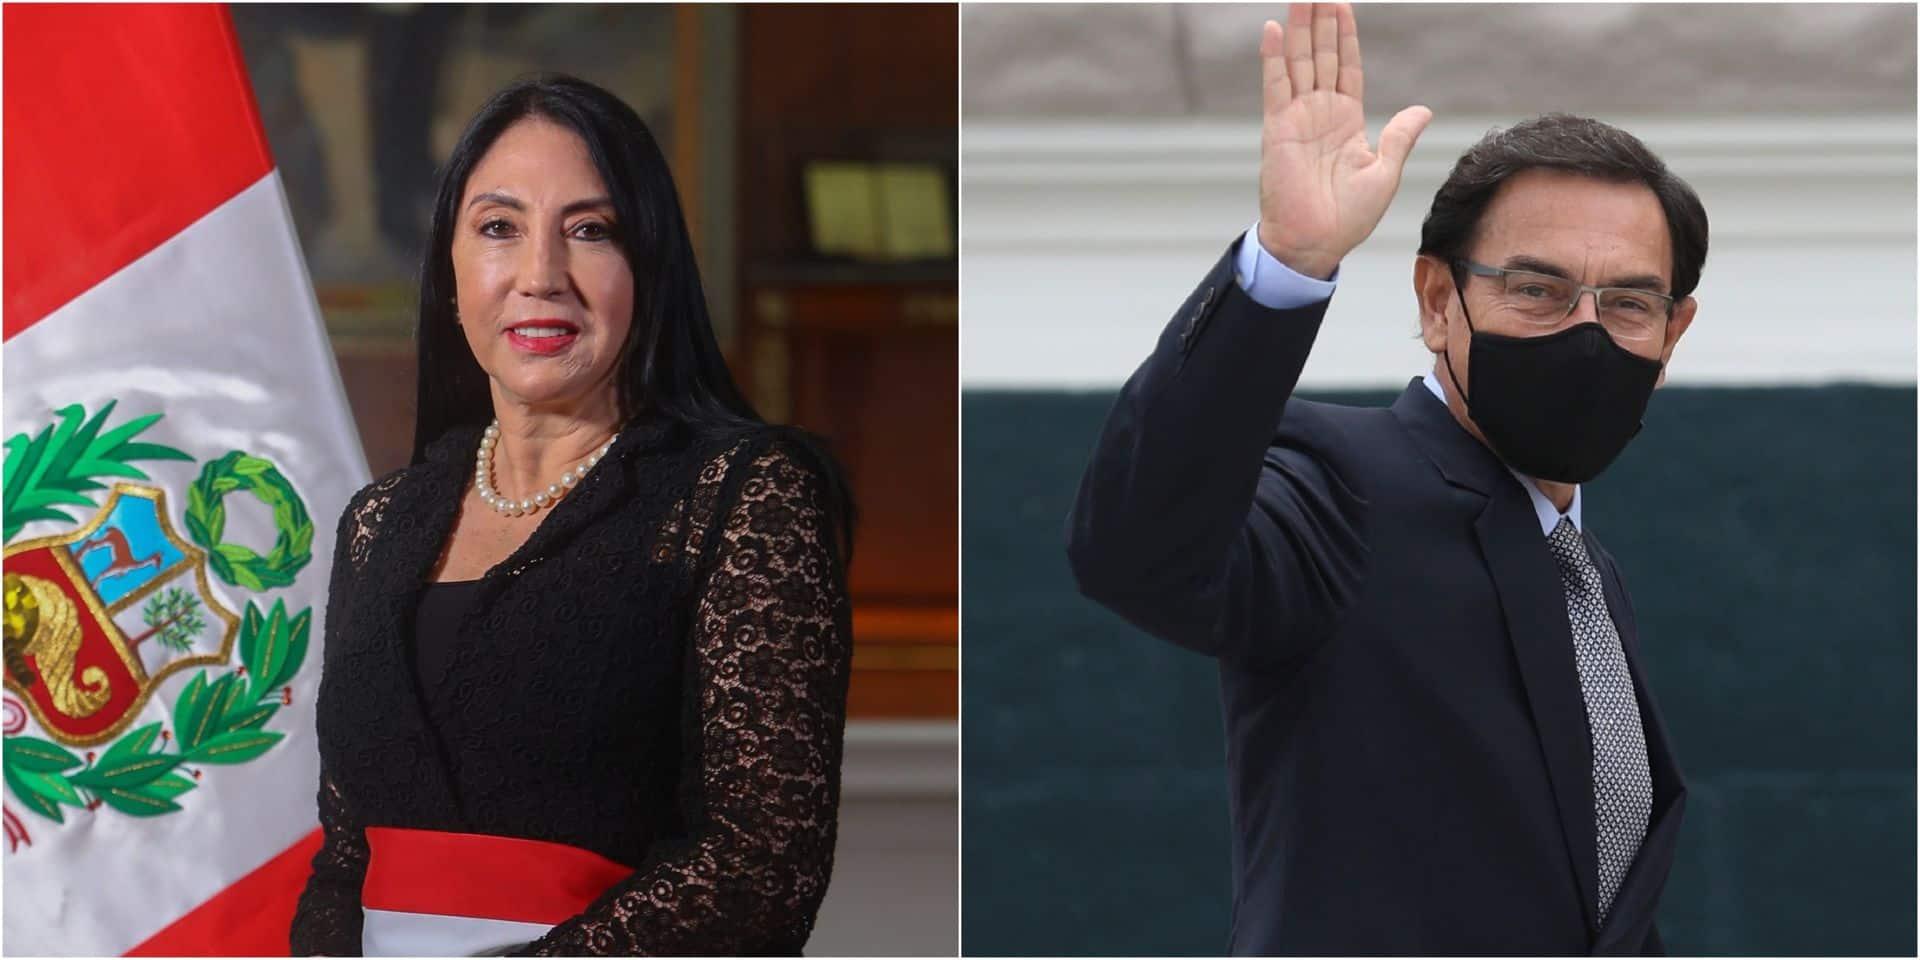 Scandale et démissions au Pérou après la tricherie de certains puissants pour accéder au vaccin